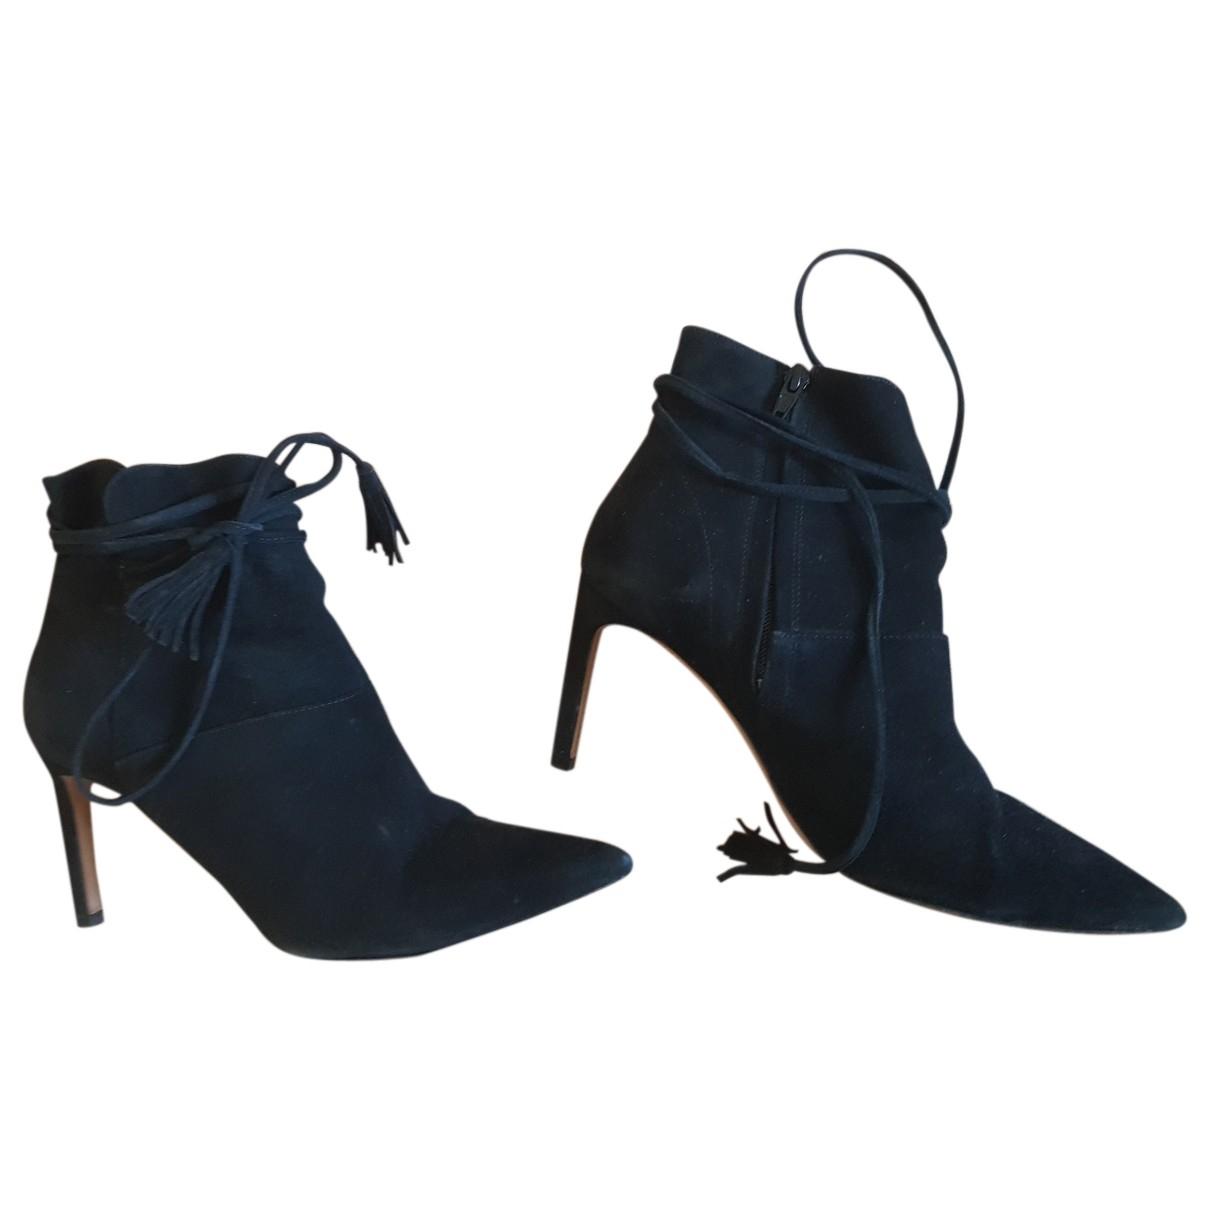 Ba&sh - Boots   pour femme en suede - noir